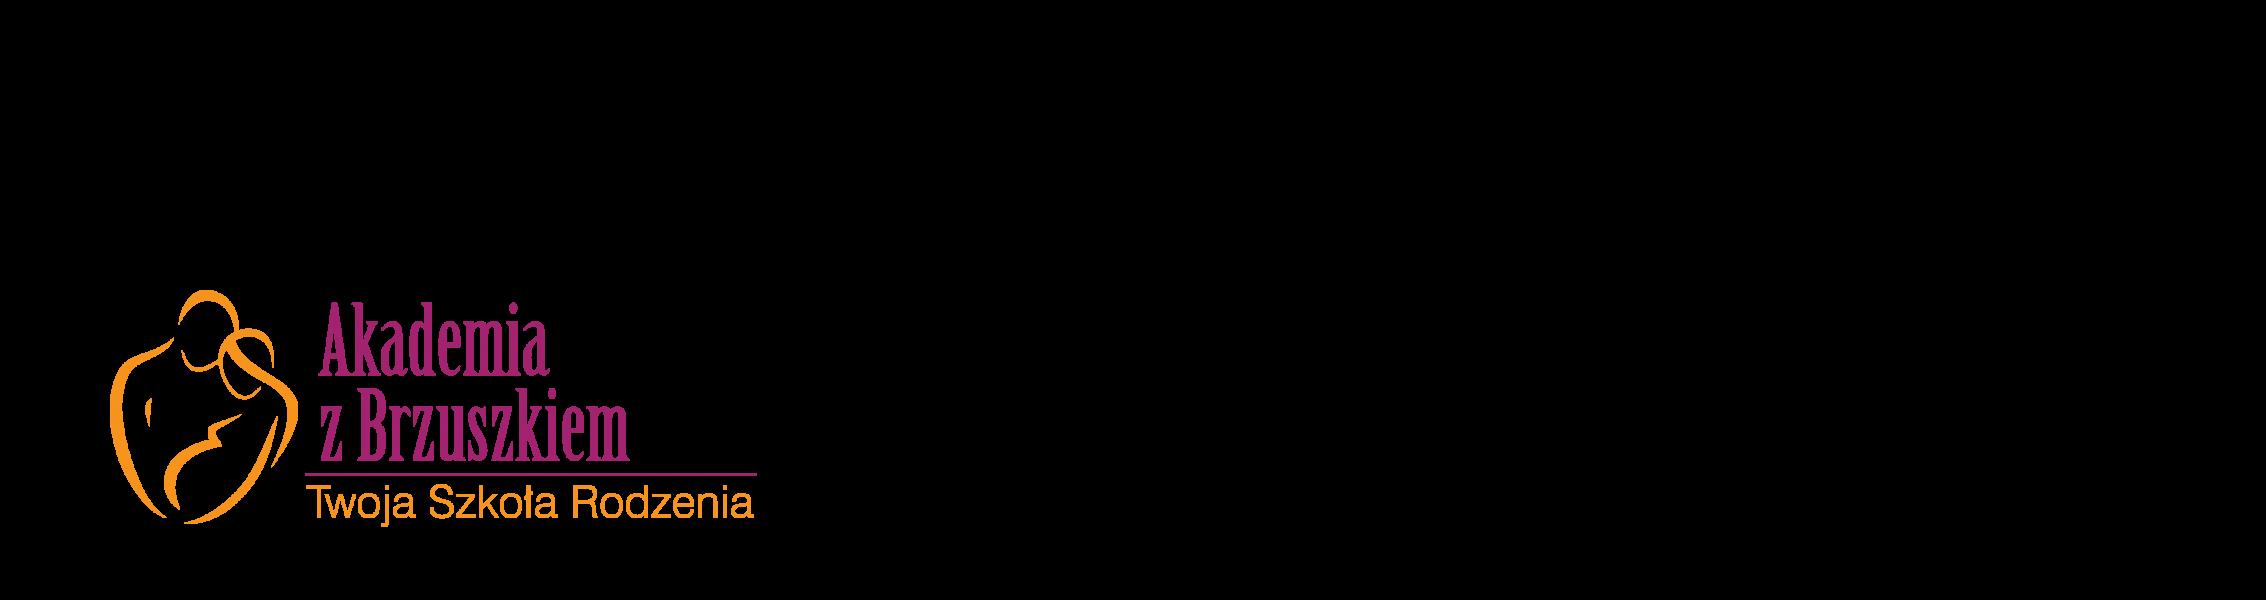 Akademia z Brzuszkiem logo